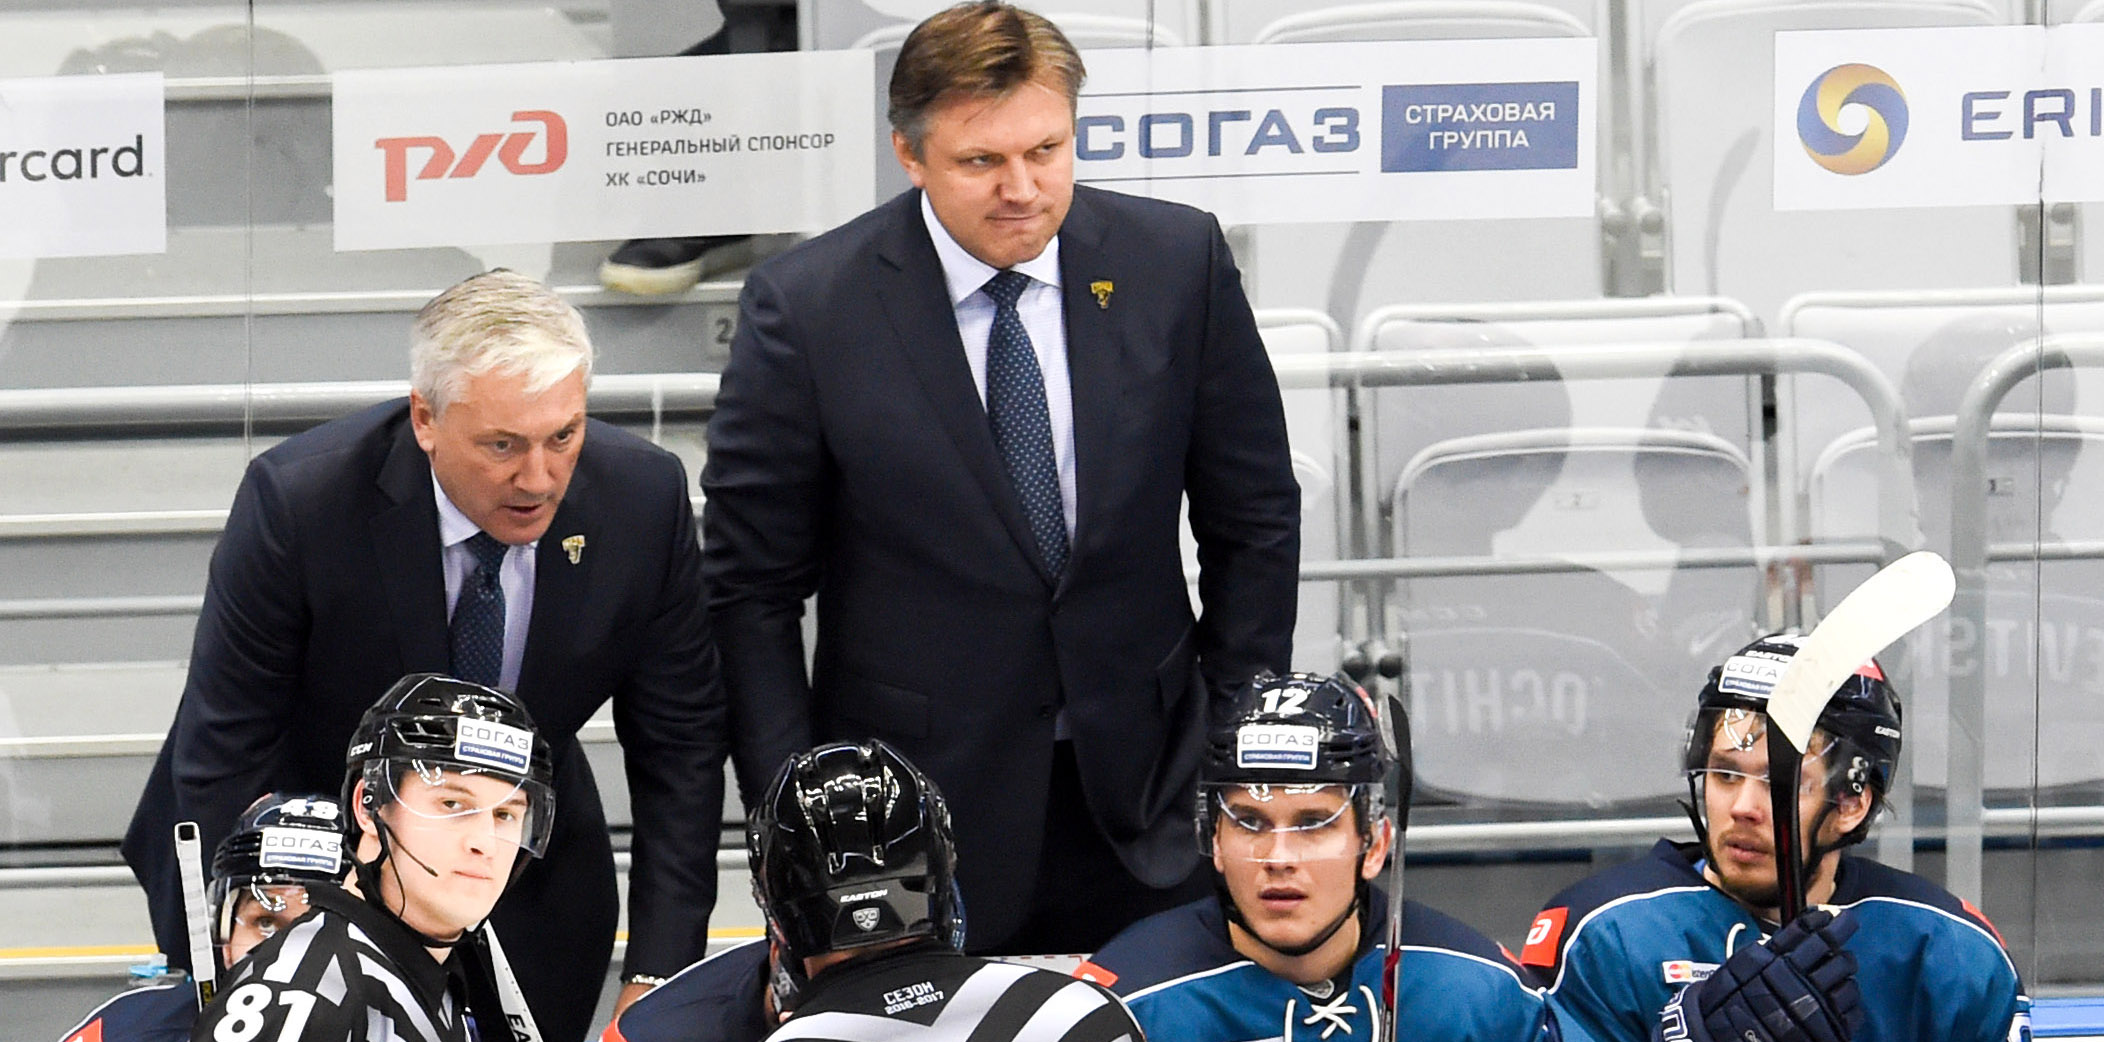 Экс главный тренер ХК «Сочи» Вячеслав Буцаев: Говорят, что я суровый? В 1937 году тоже много чего говорили… - фото